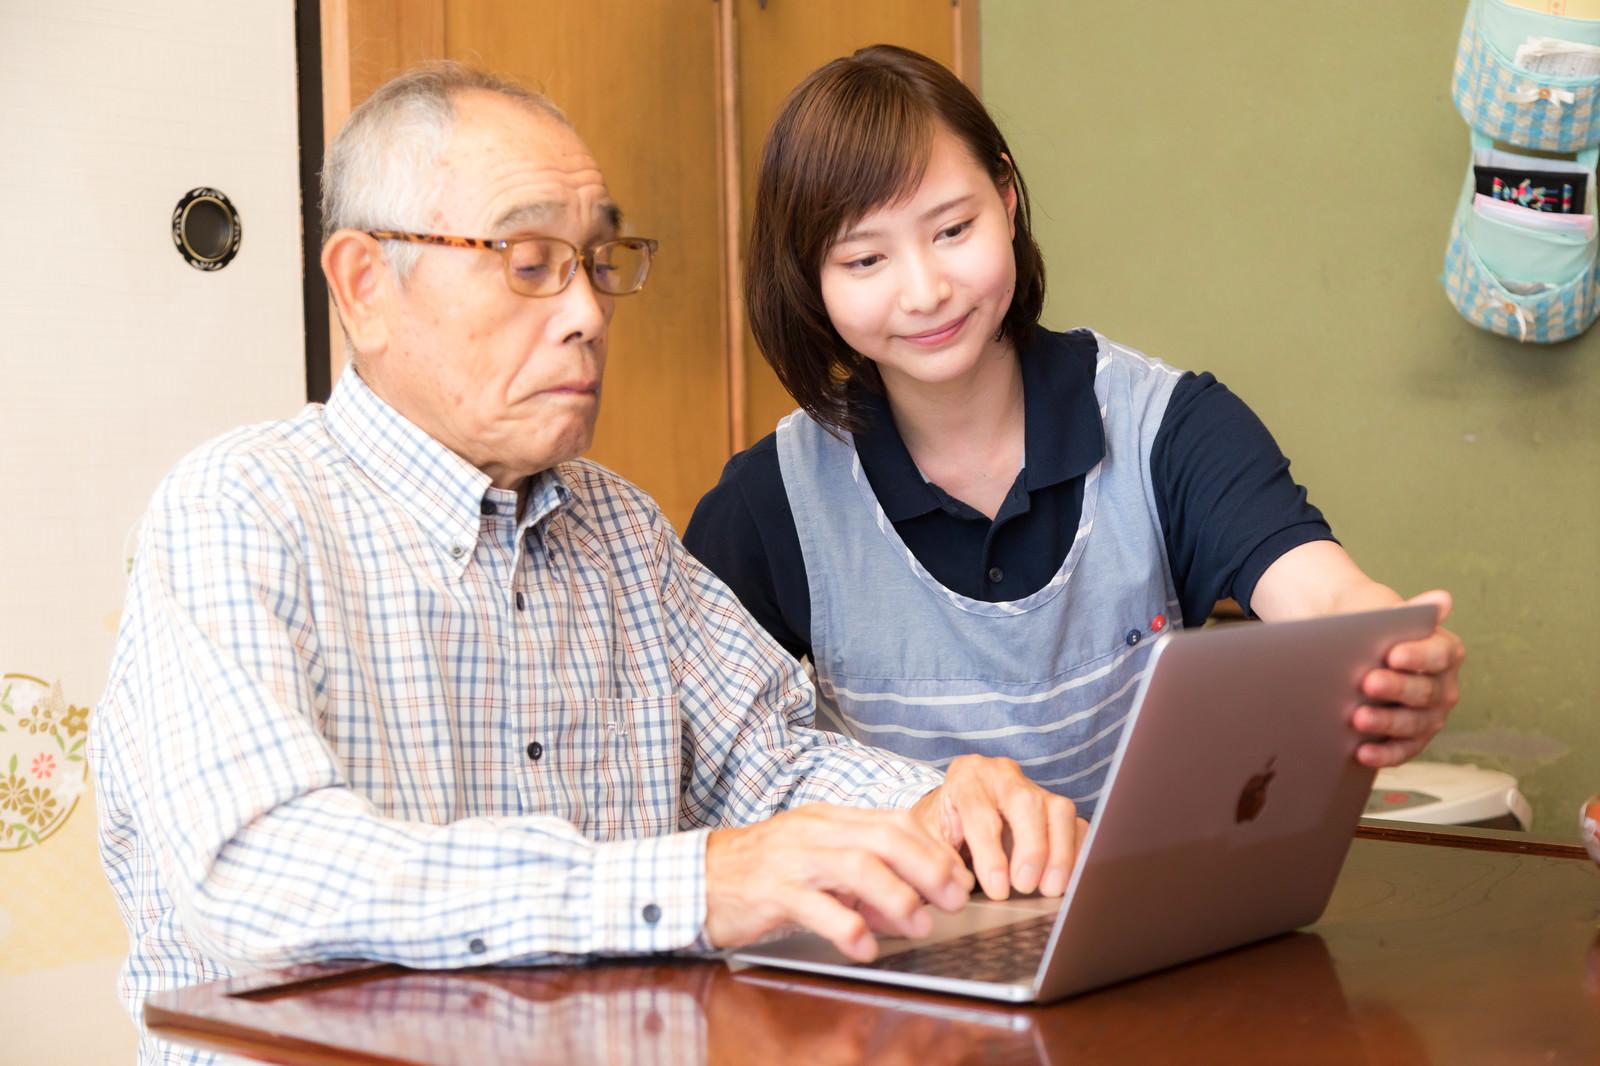 「パソコン講習中の高齢者と介護士」の写真[モデル:まーちゃん yumiko]